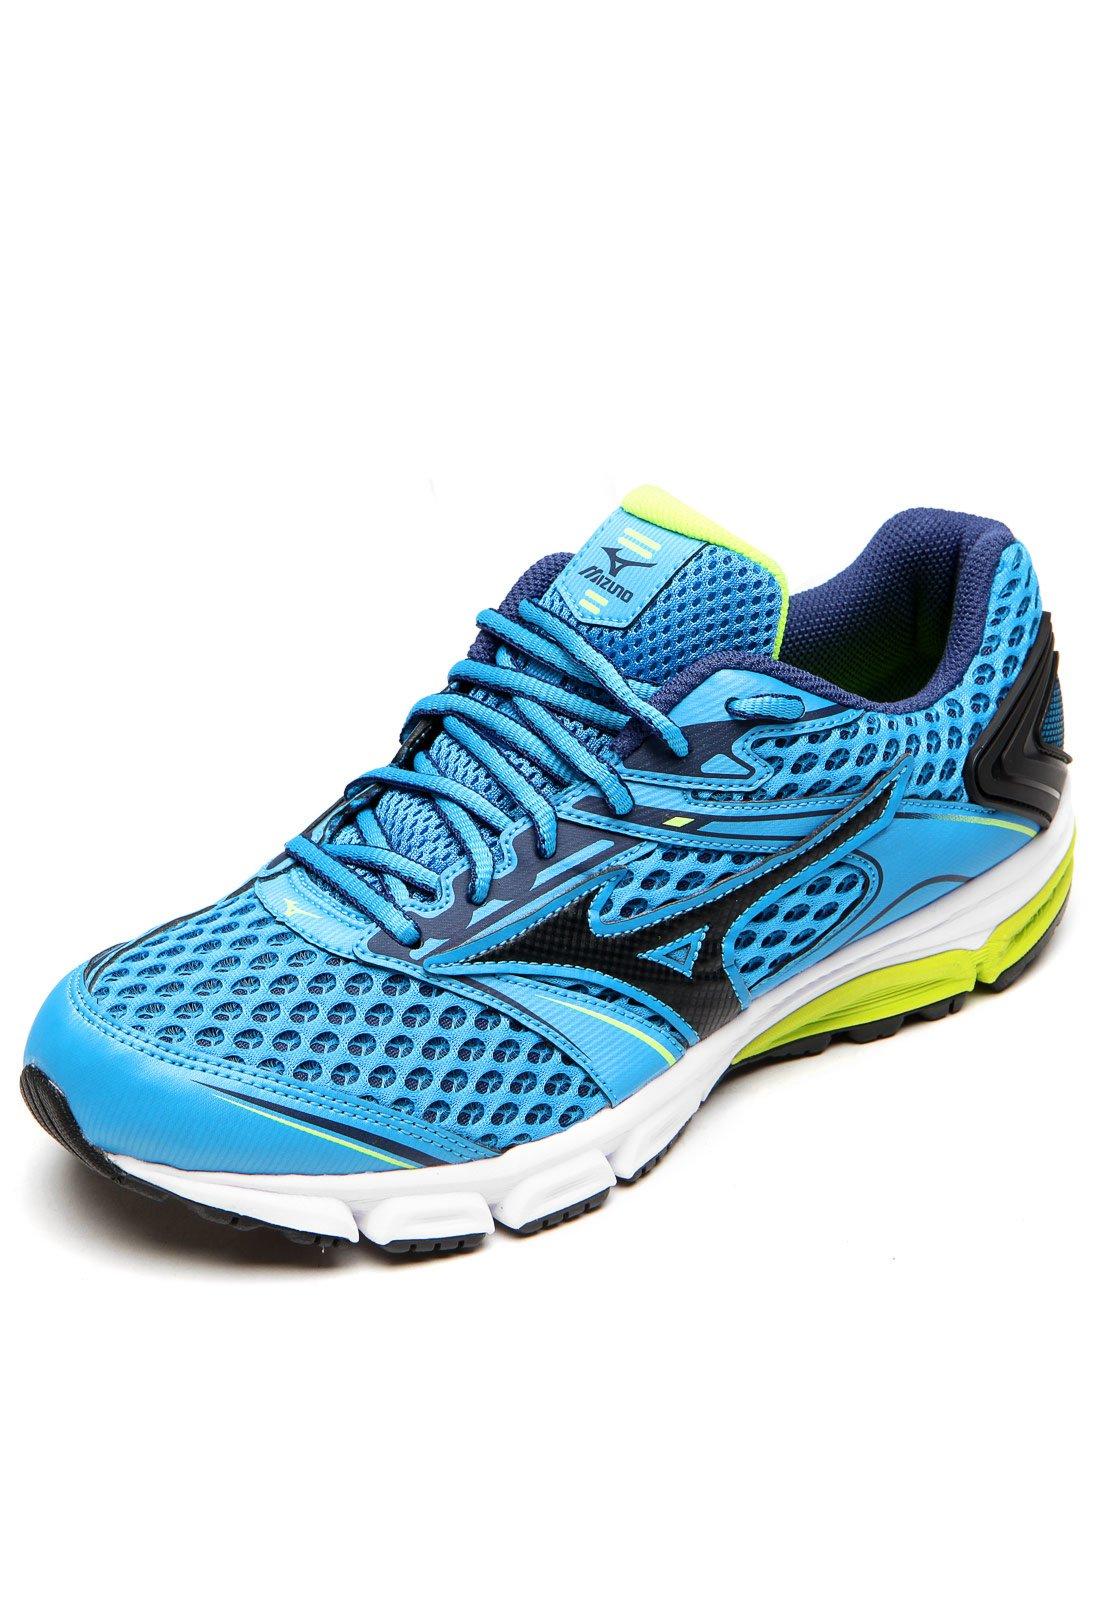 Tênis Mizuno Iron P Azul - Compre Agora  6daca2f23aac0